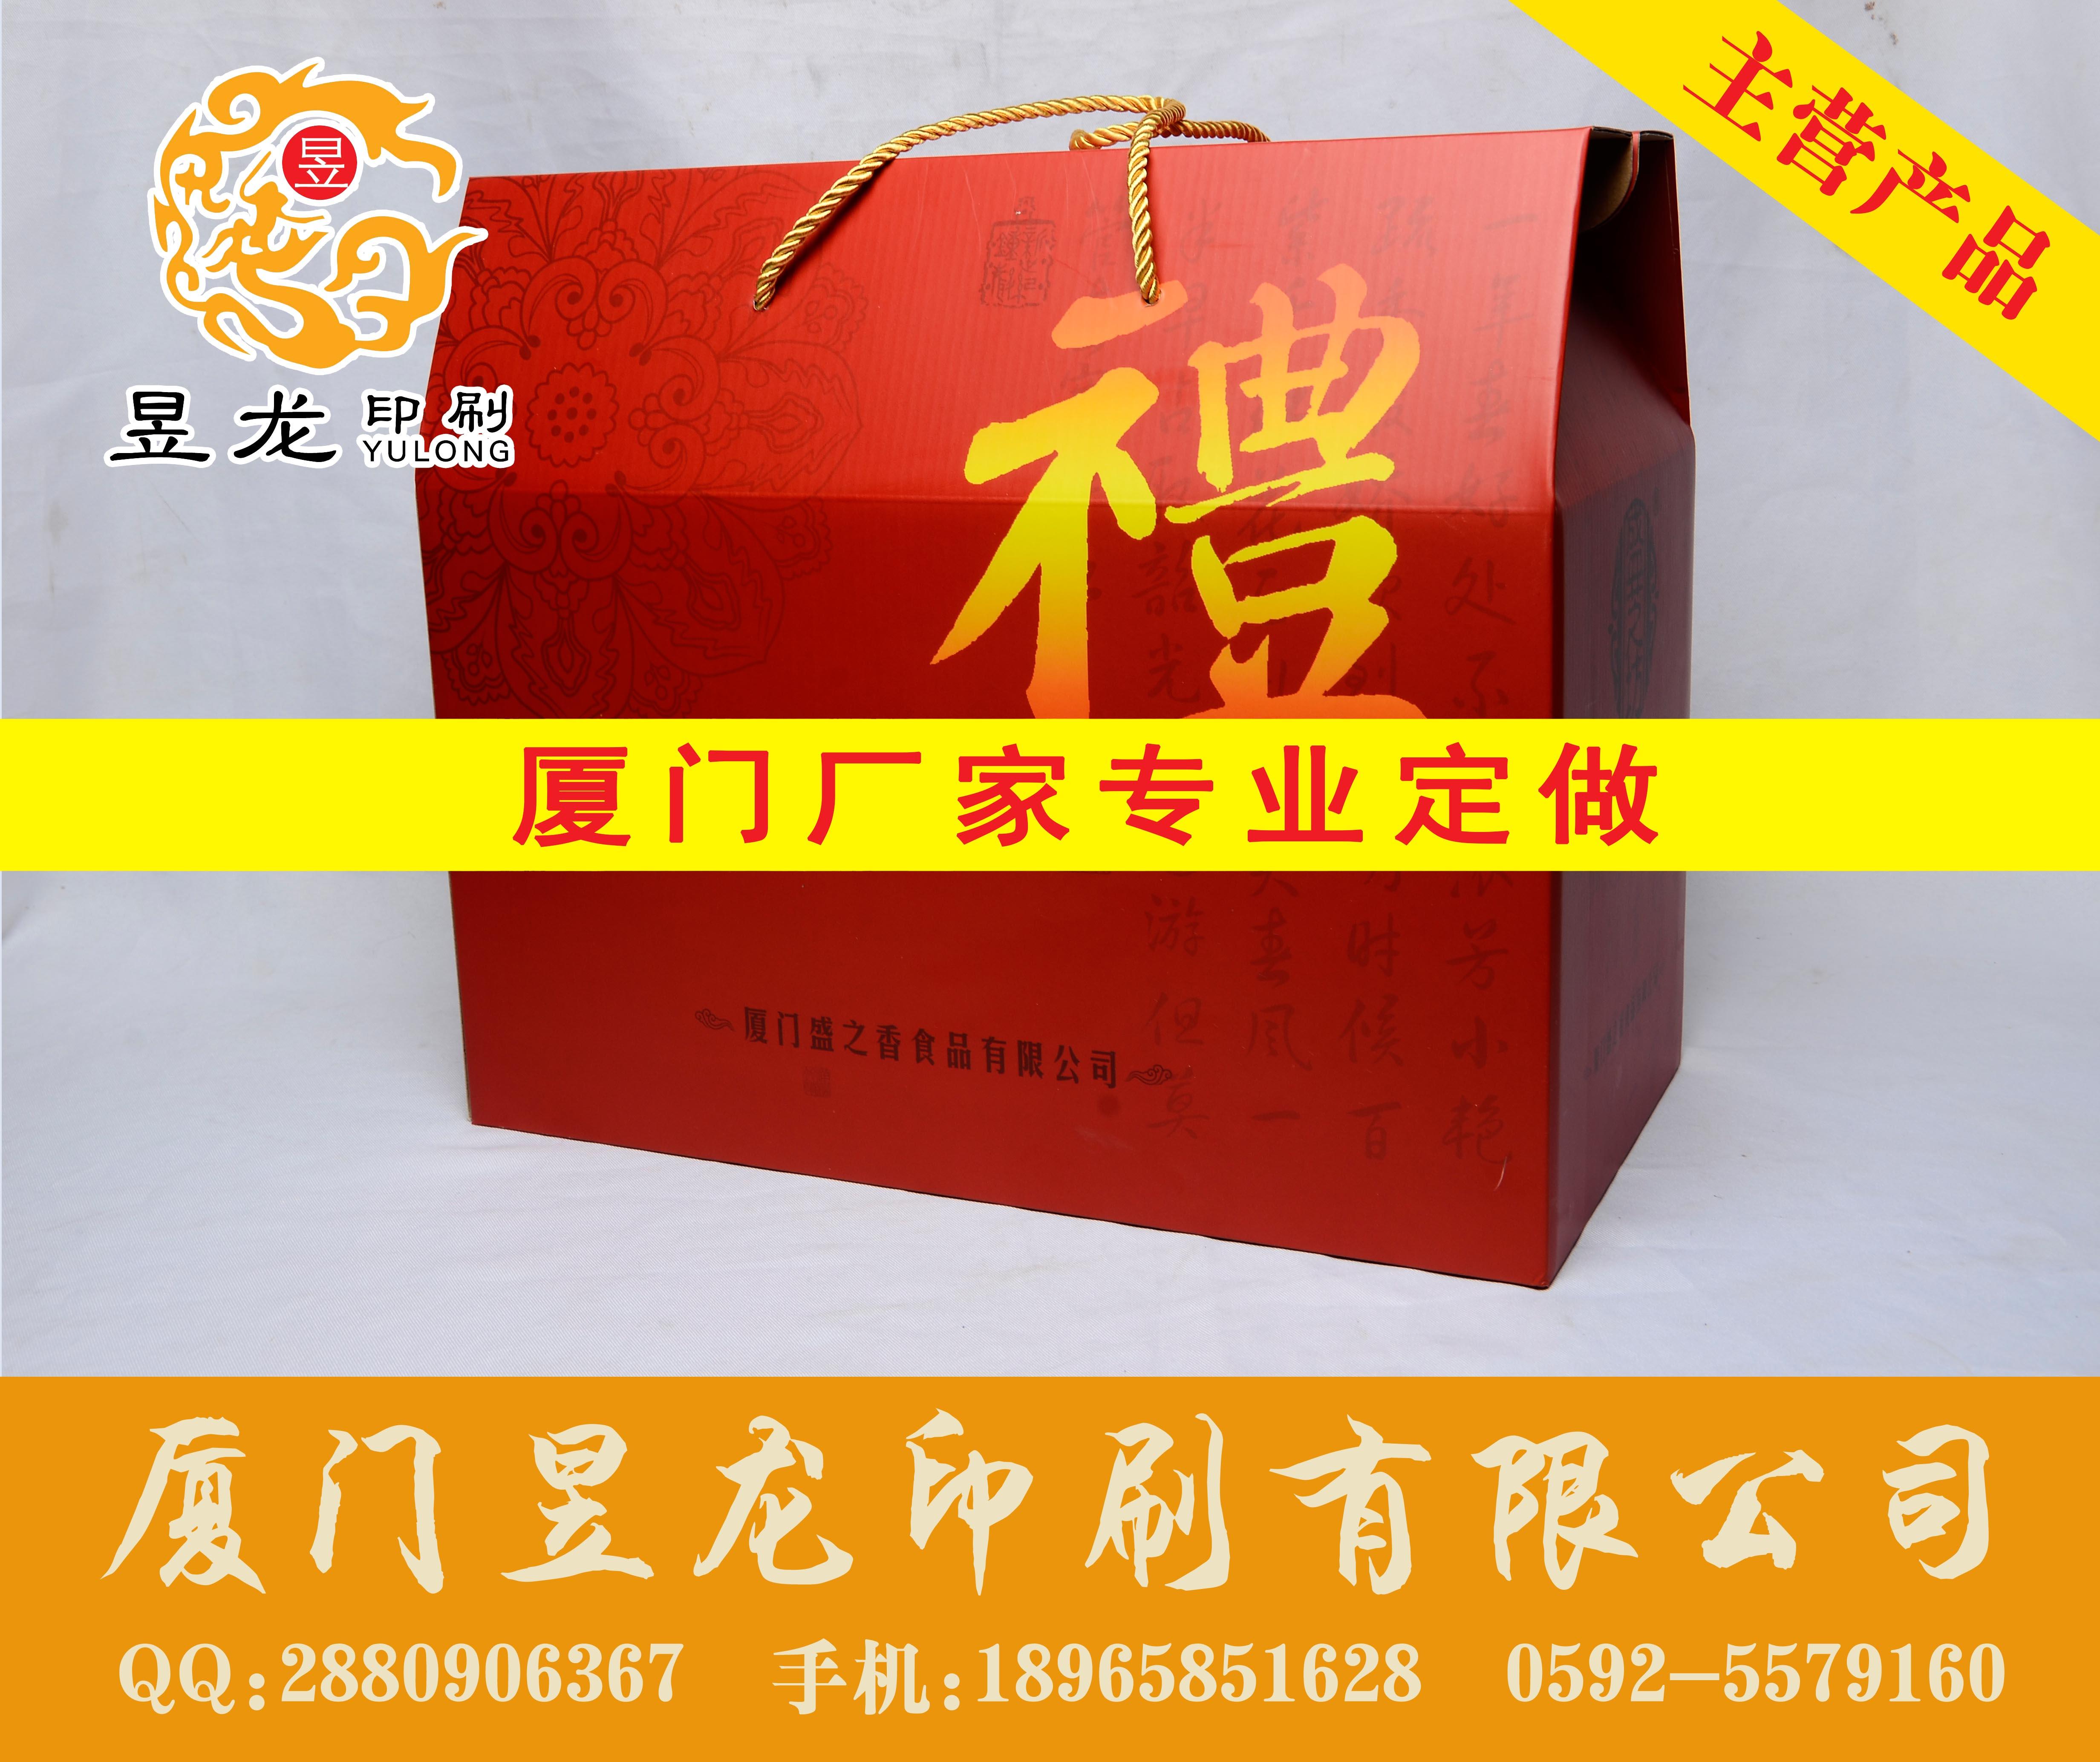 厦门昱龙印刷供应同行中出色的礼品包装盒,海沧茶叶包装盒制作